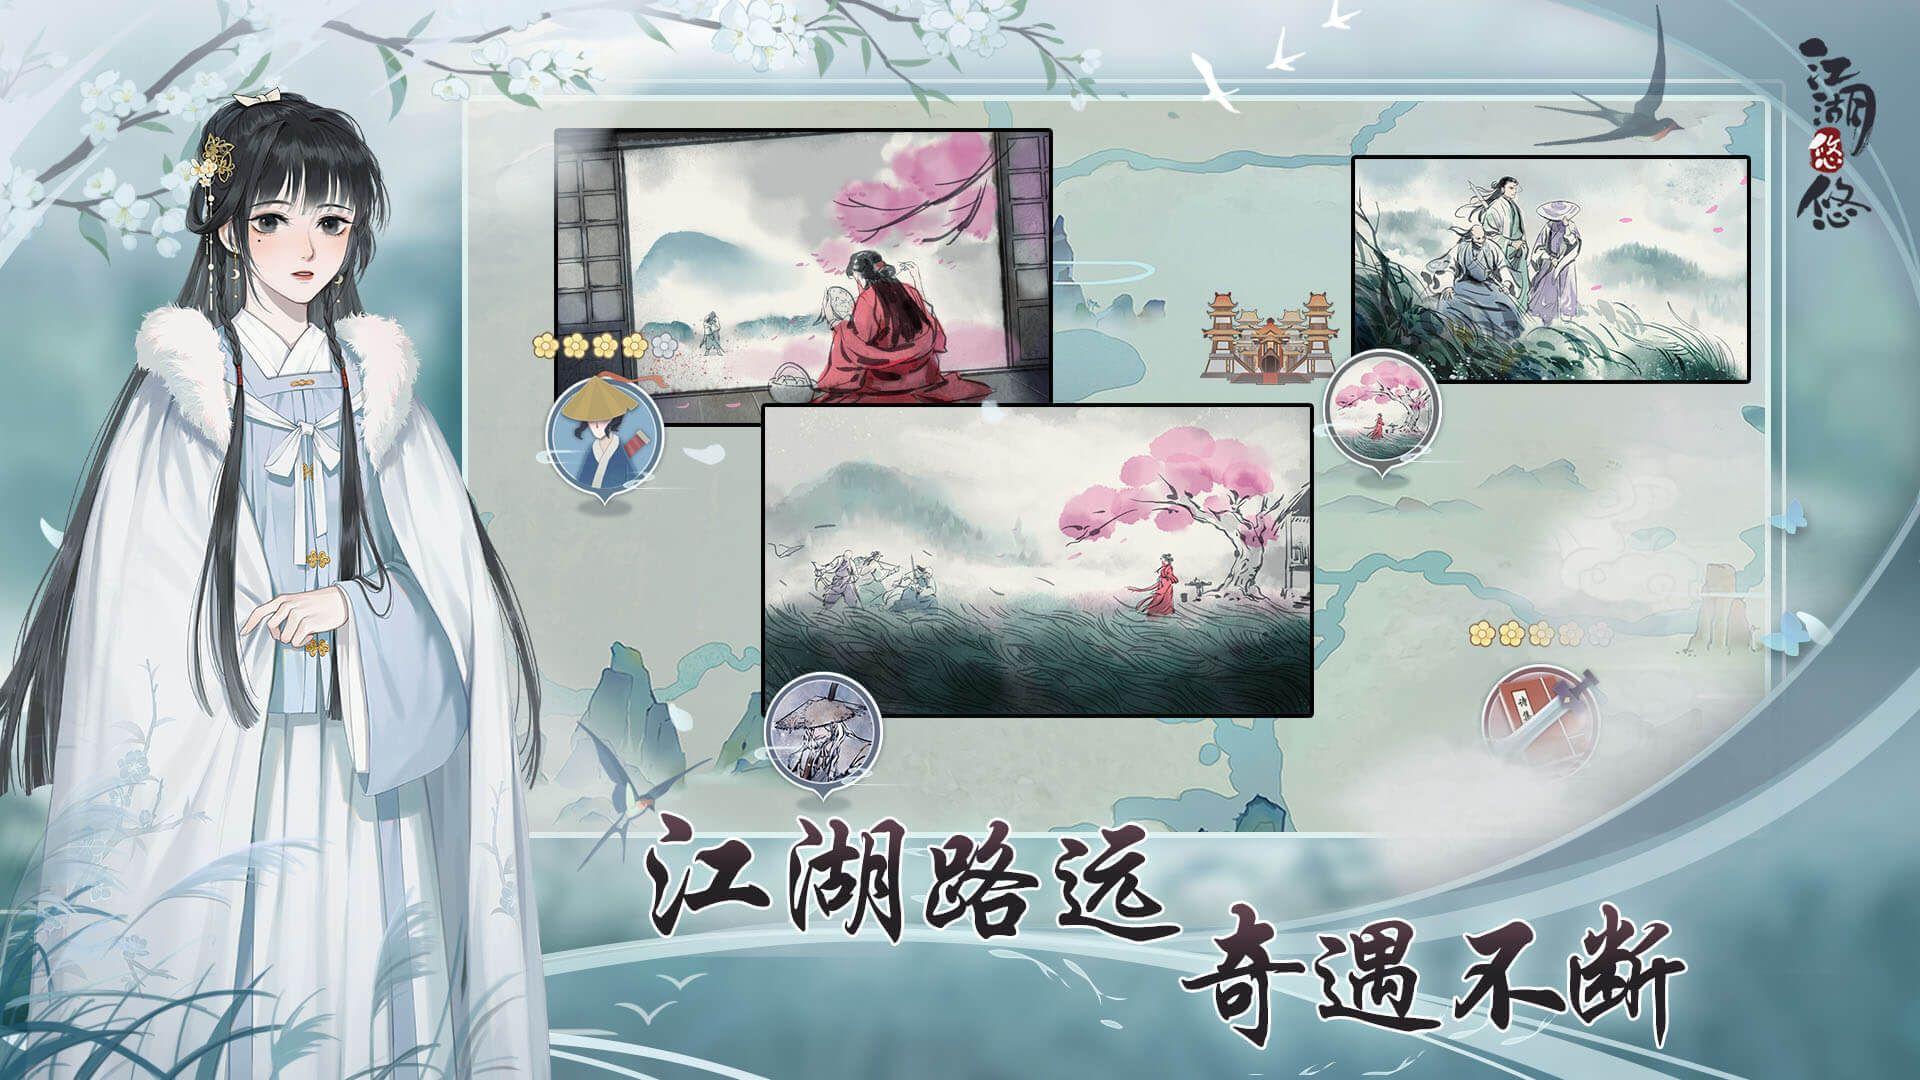 江湖悠悠最新攻略2021:新手玩法技巧大全[多图]图片2